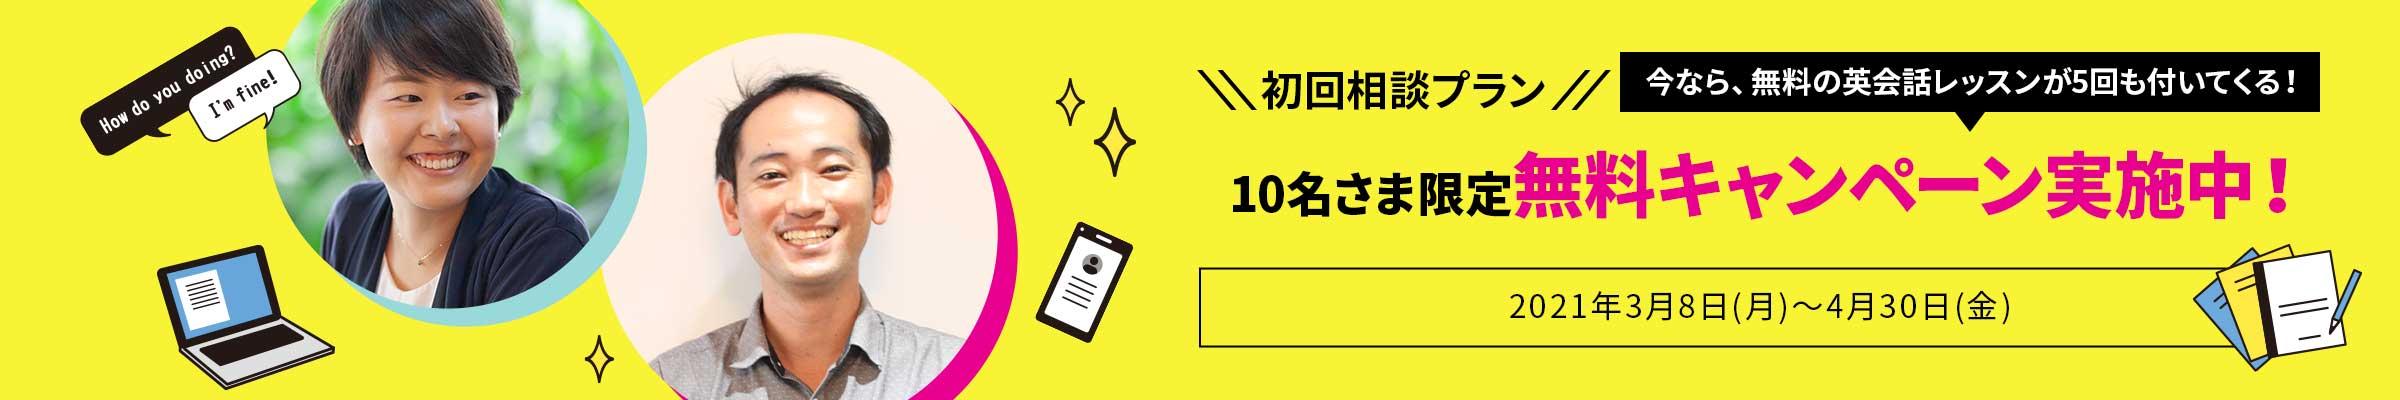 10名さま限定無料キャンペーン実施中!